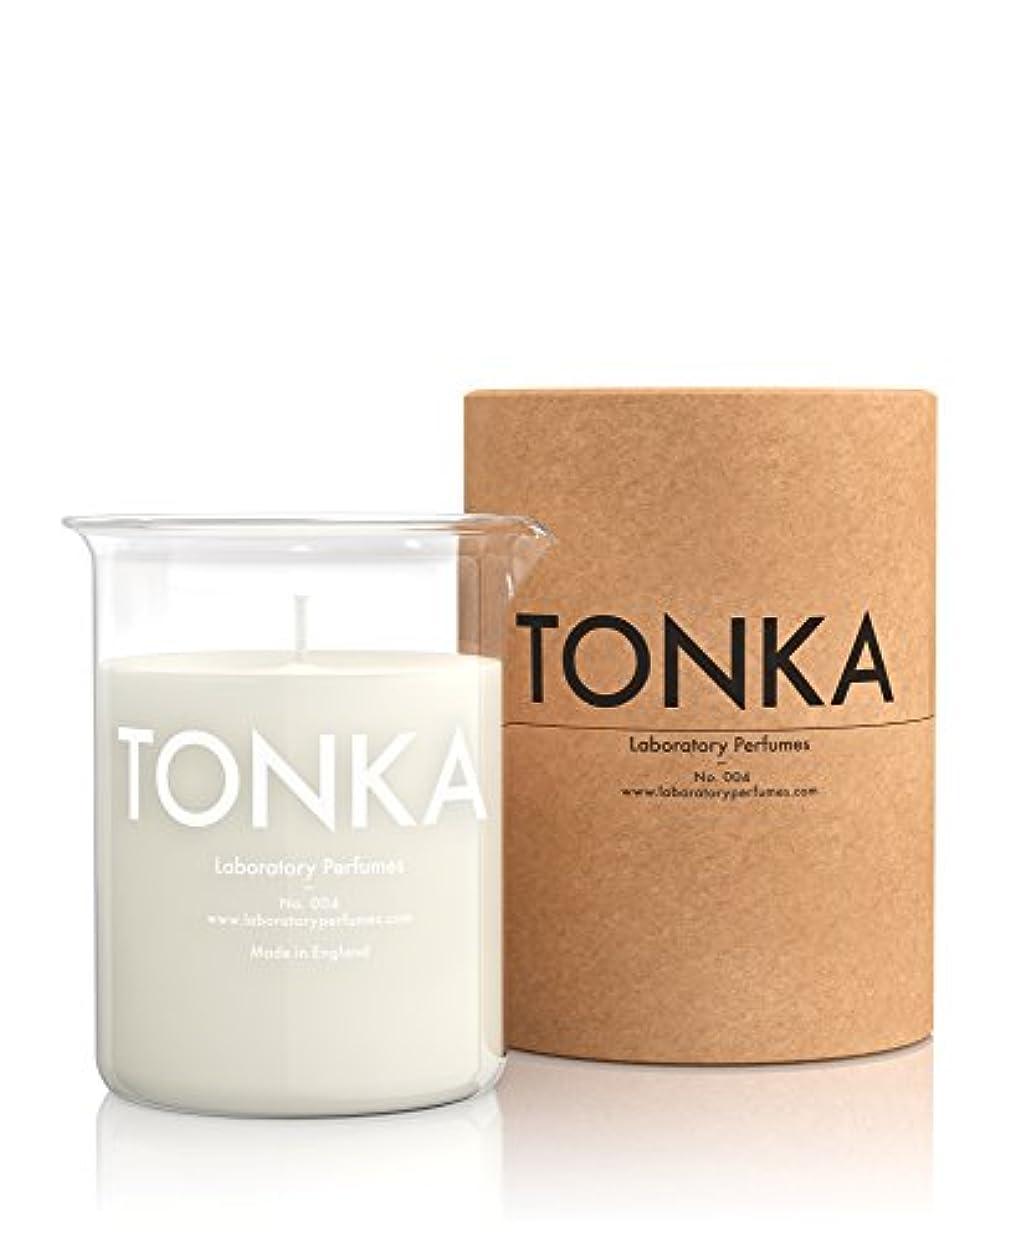 ディスク食用ご意見Labortory Perfumes キャンドル トンカ Tonka (アロマティックオリエンタル Aromatic Oriental) Candle ラボラトリー パフューム